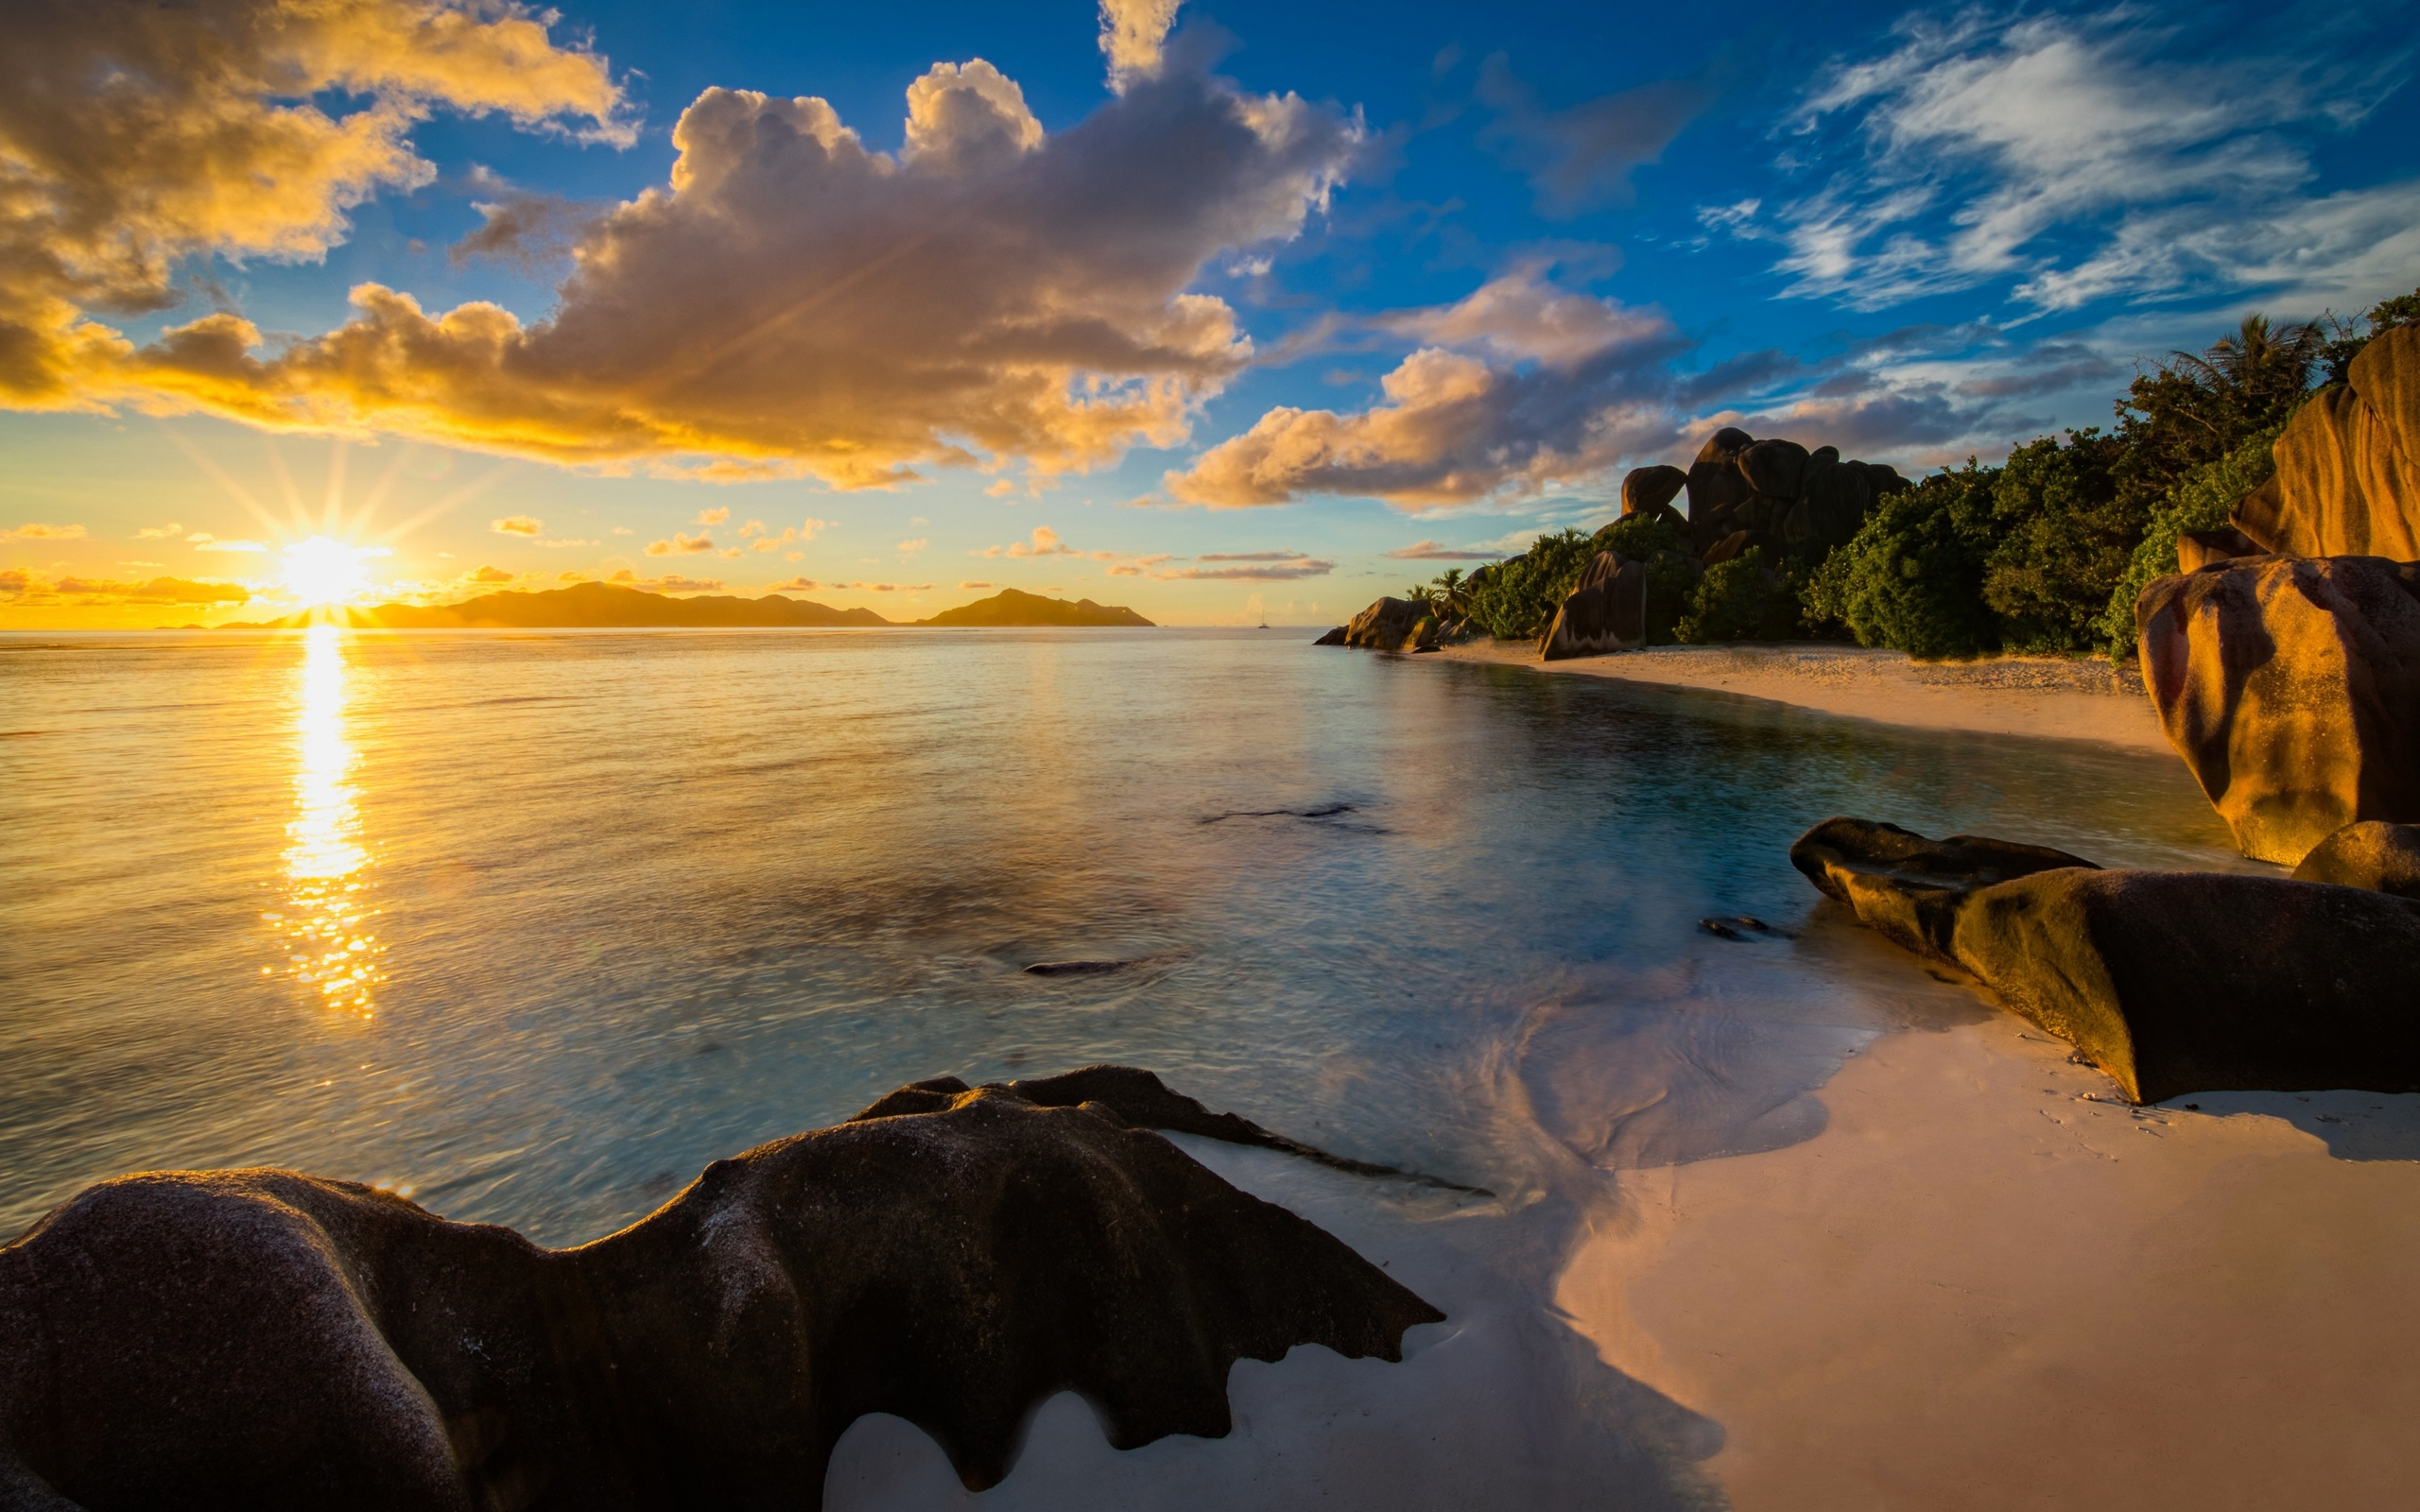 закат, океан, берег, песок, пляж